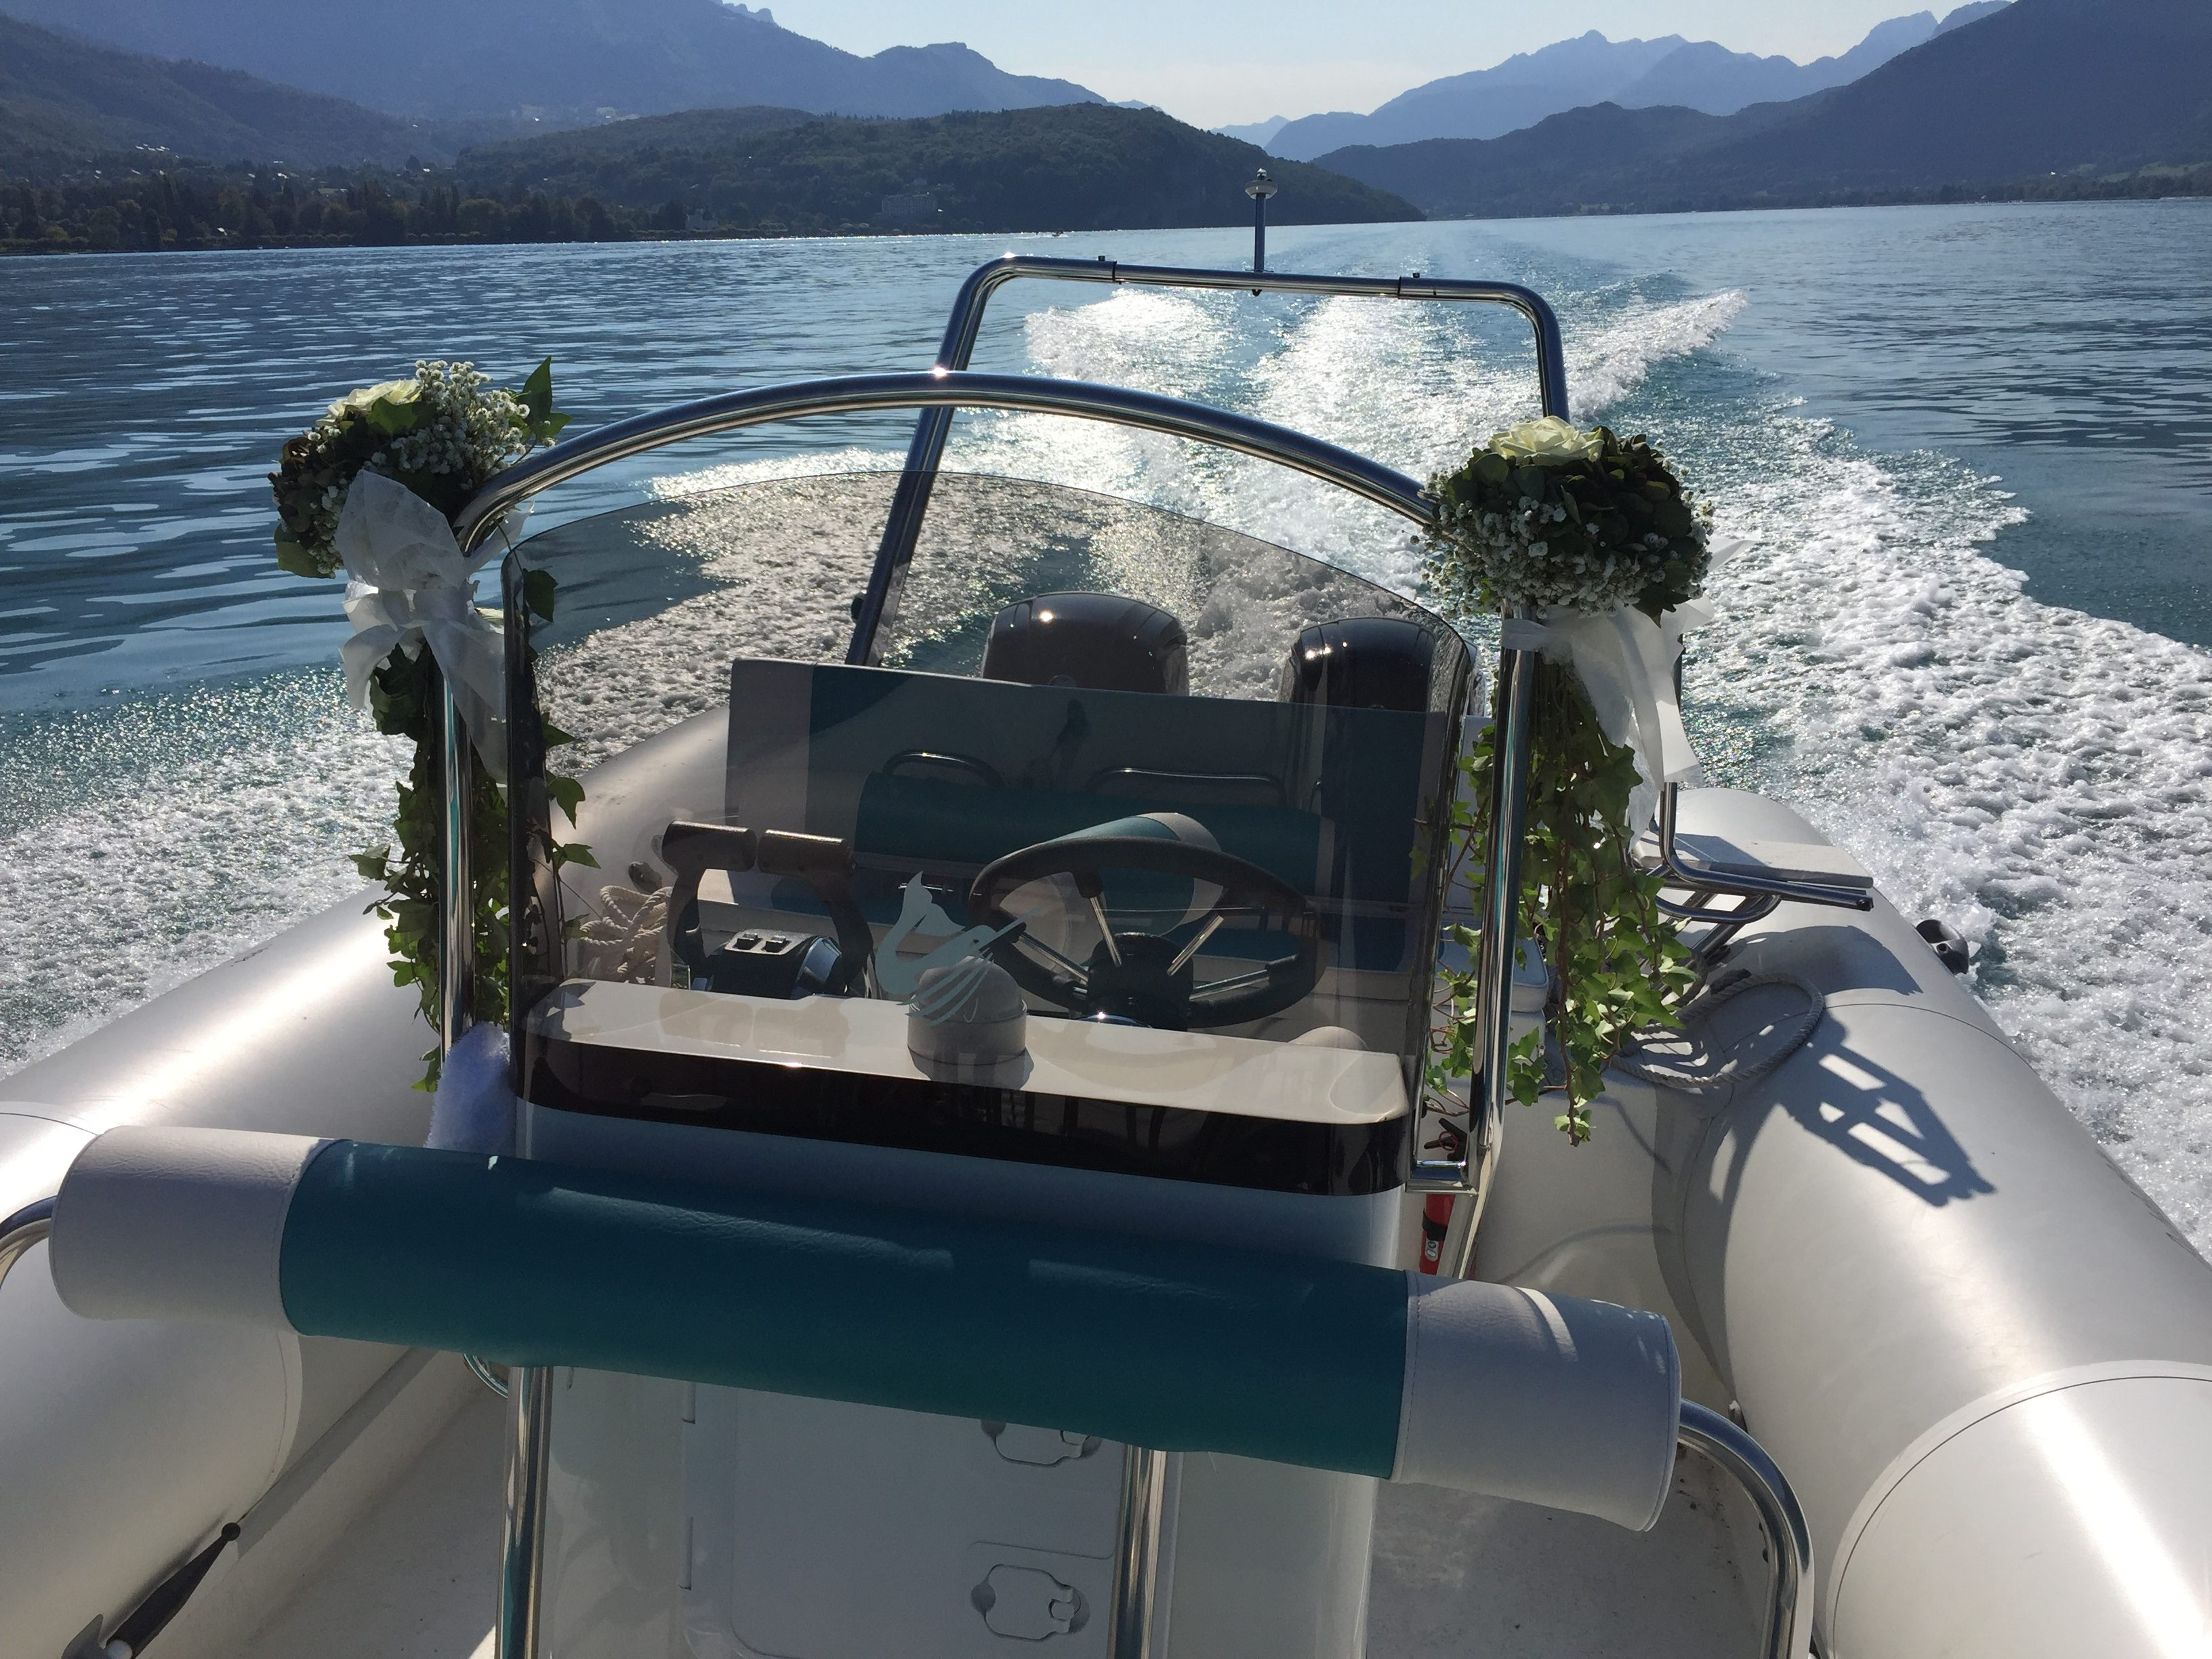 Lit Tipi Enfant De Luxe Blue Diamond Taxi Boat In Saint Jorioz French Alps Savoie Mont Blanc